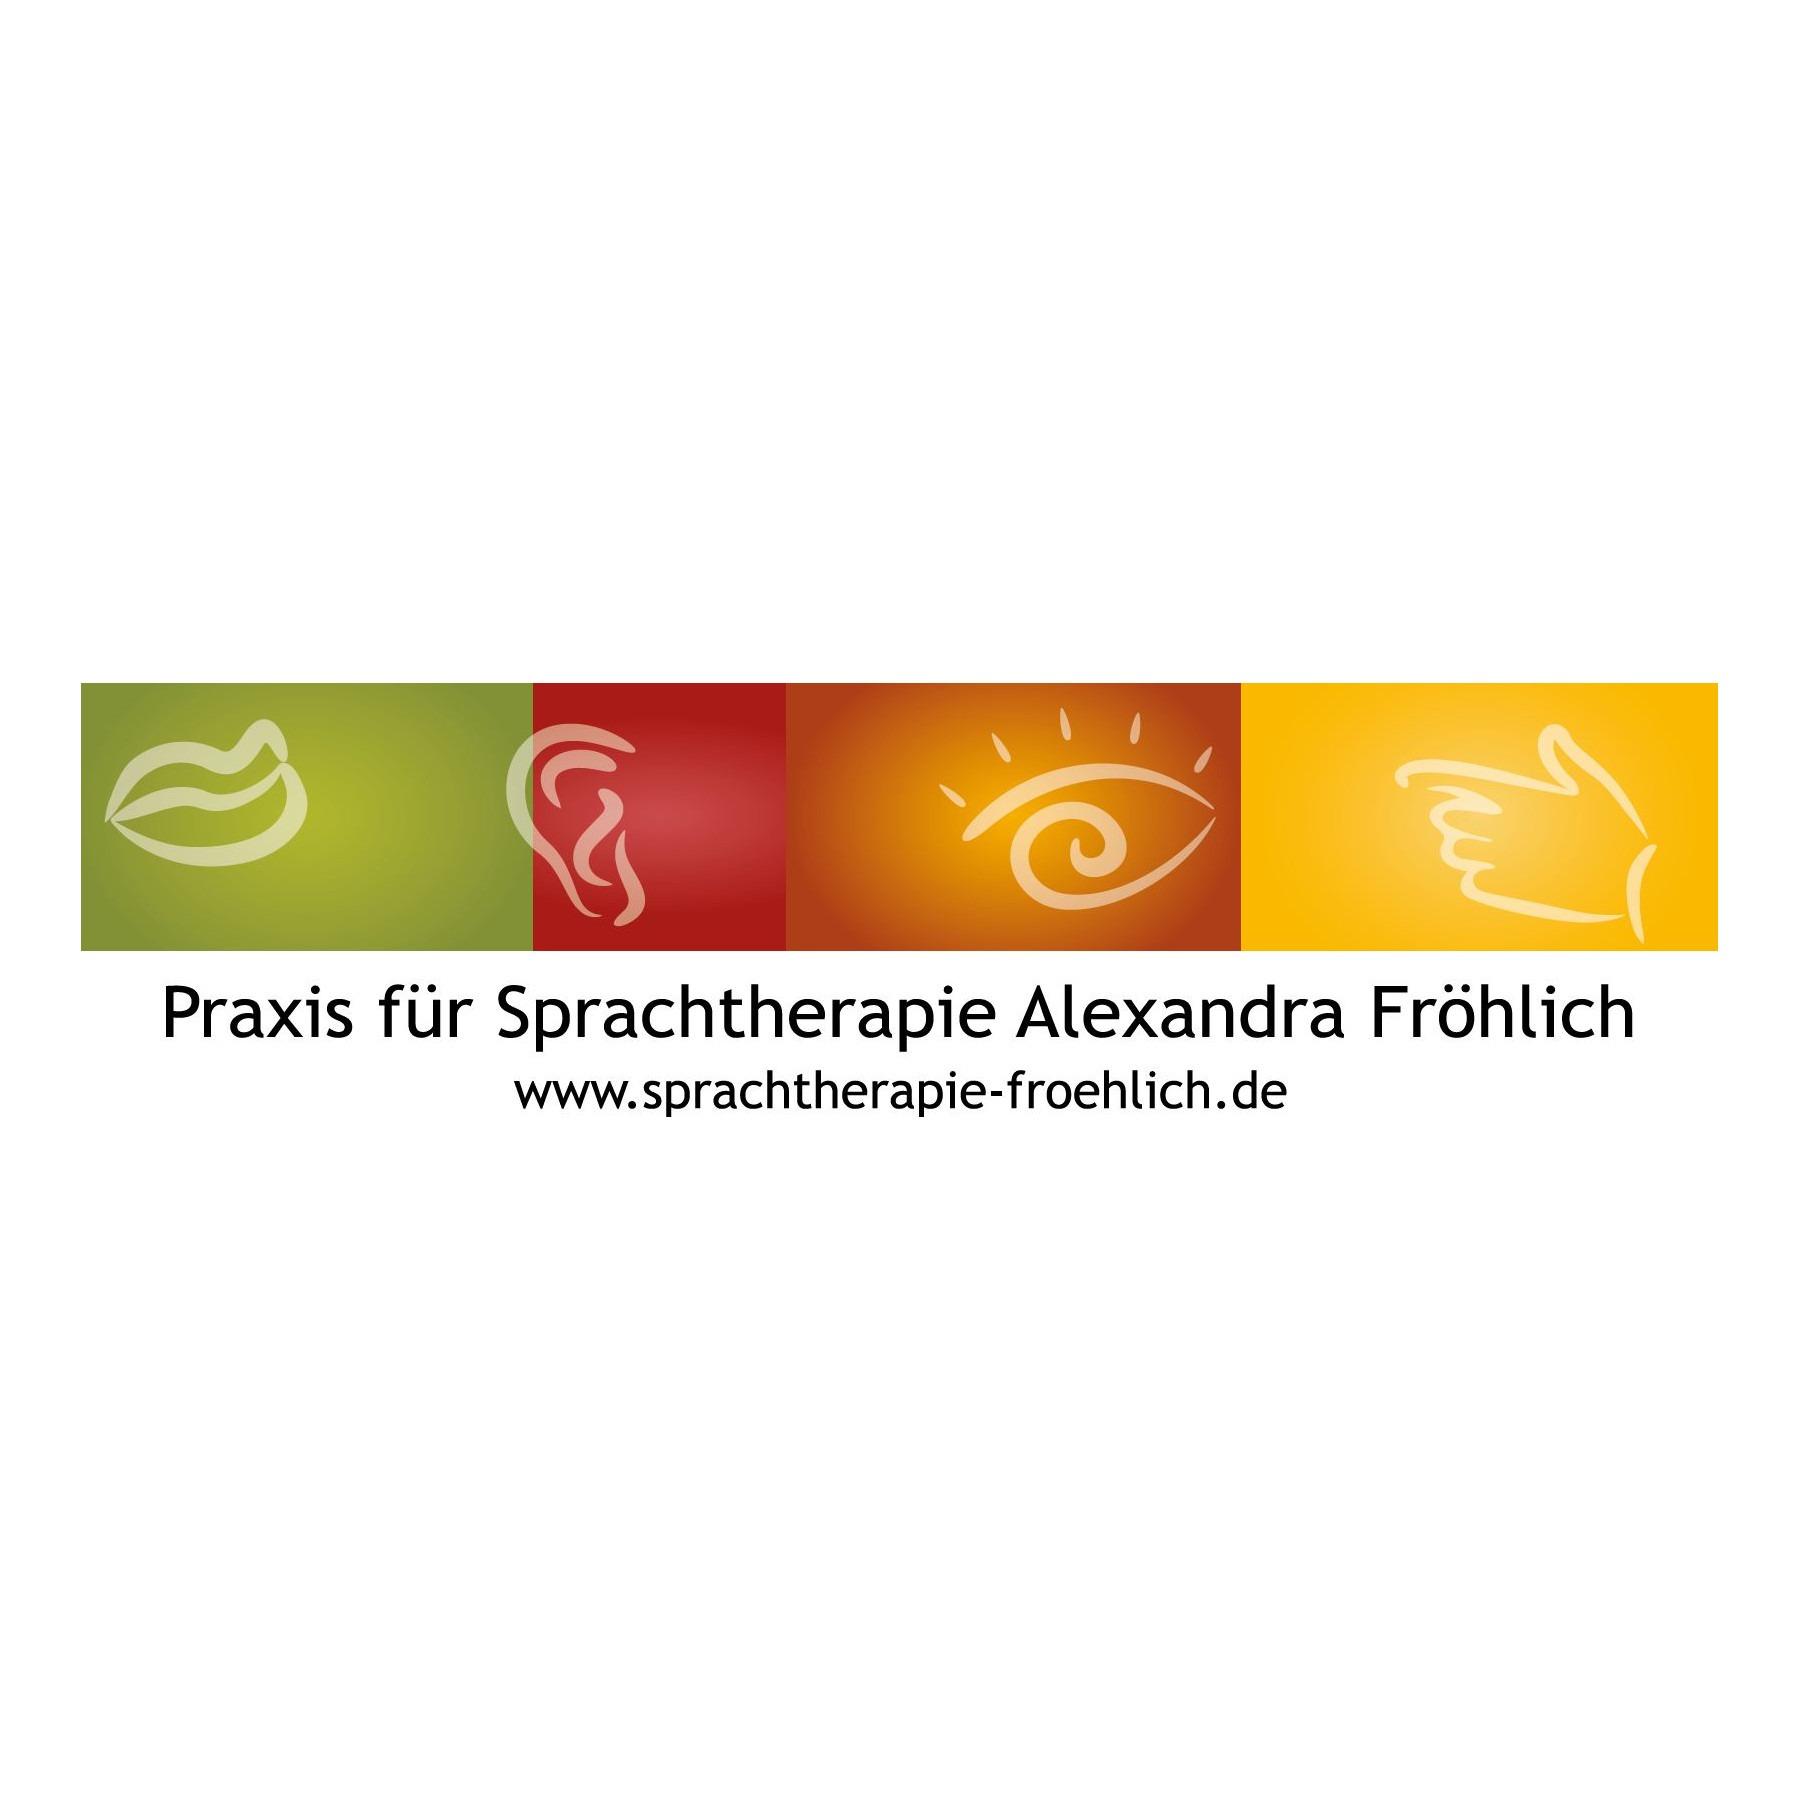 Praxis für Sprachtherapie und Logopädie Alexandra Fröhlich